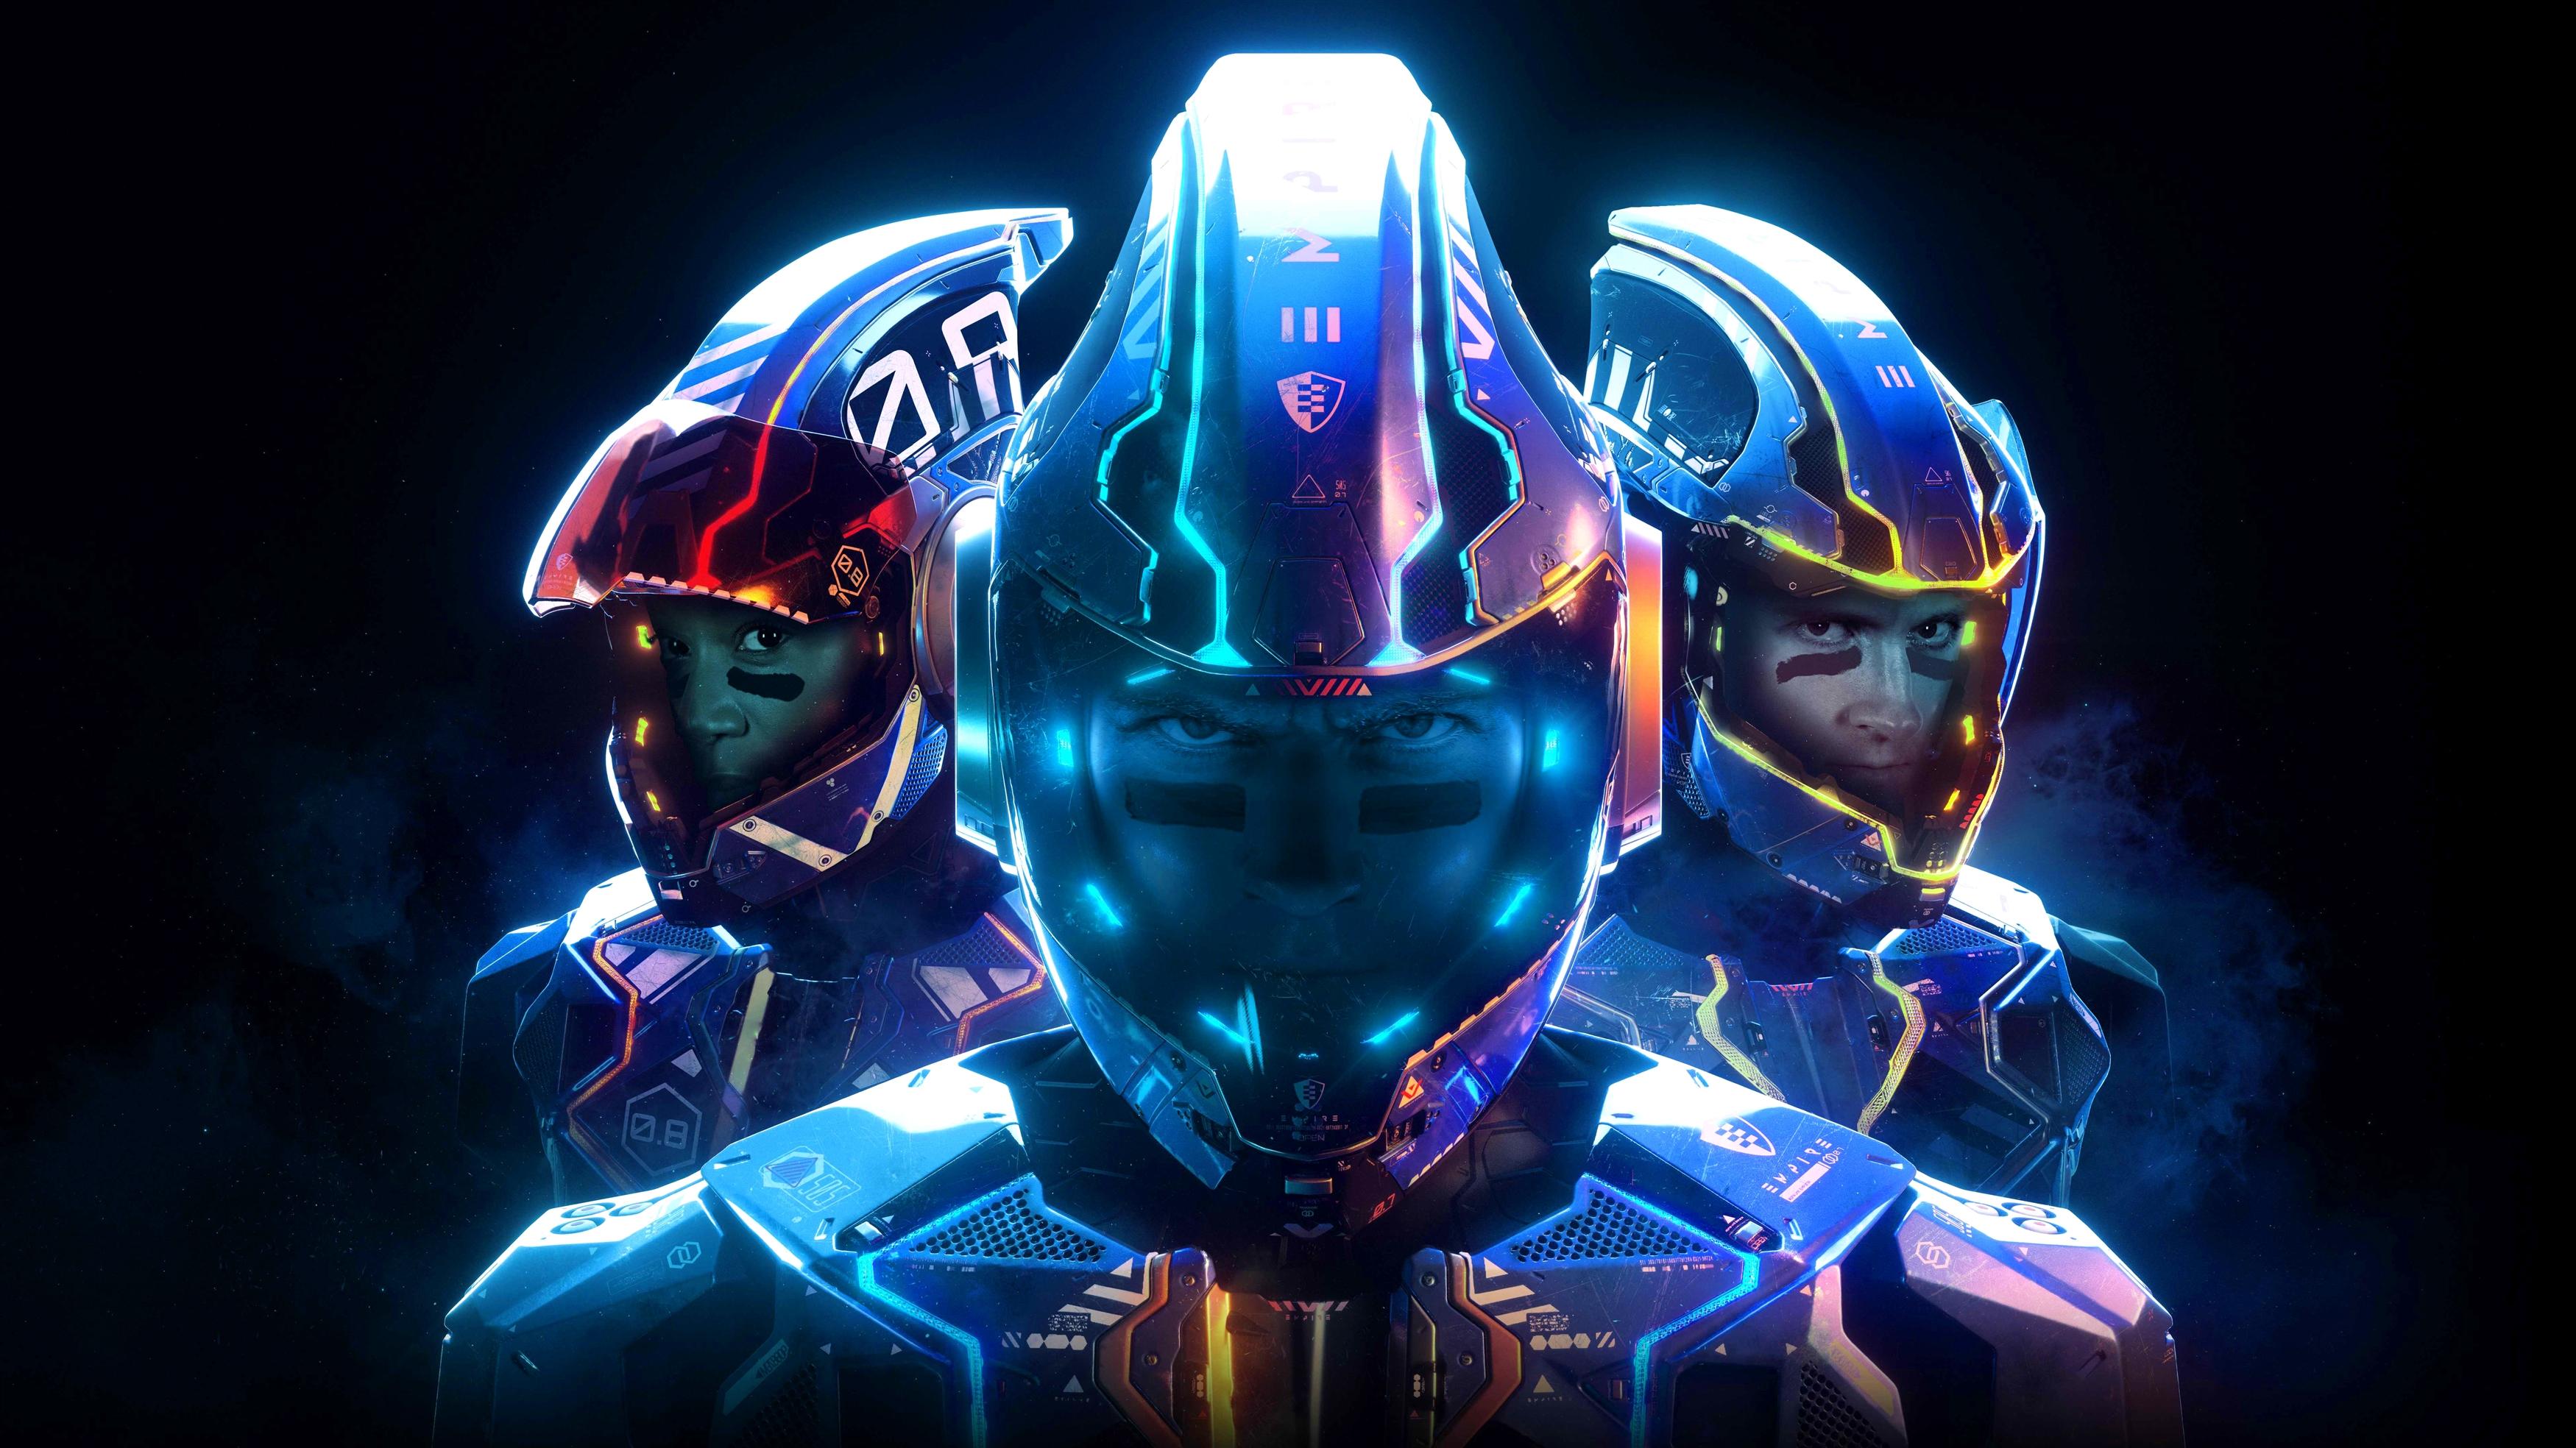 Лазерная Лиги Е3 4к 8к. обои скачать